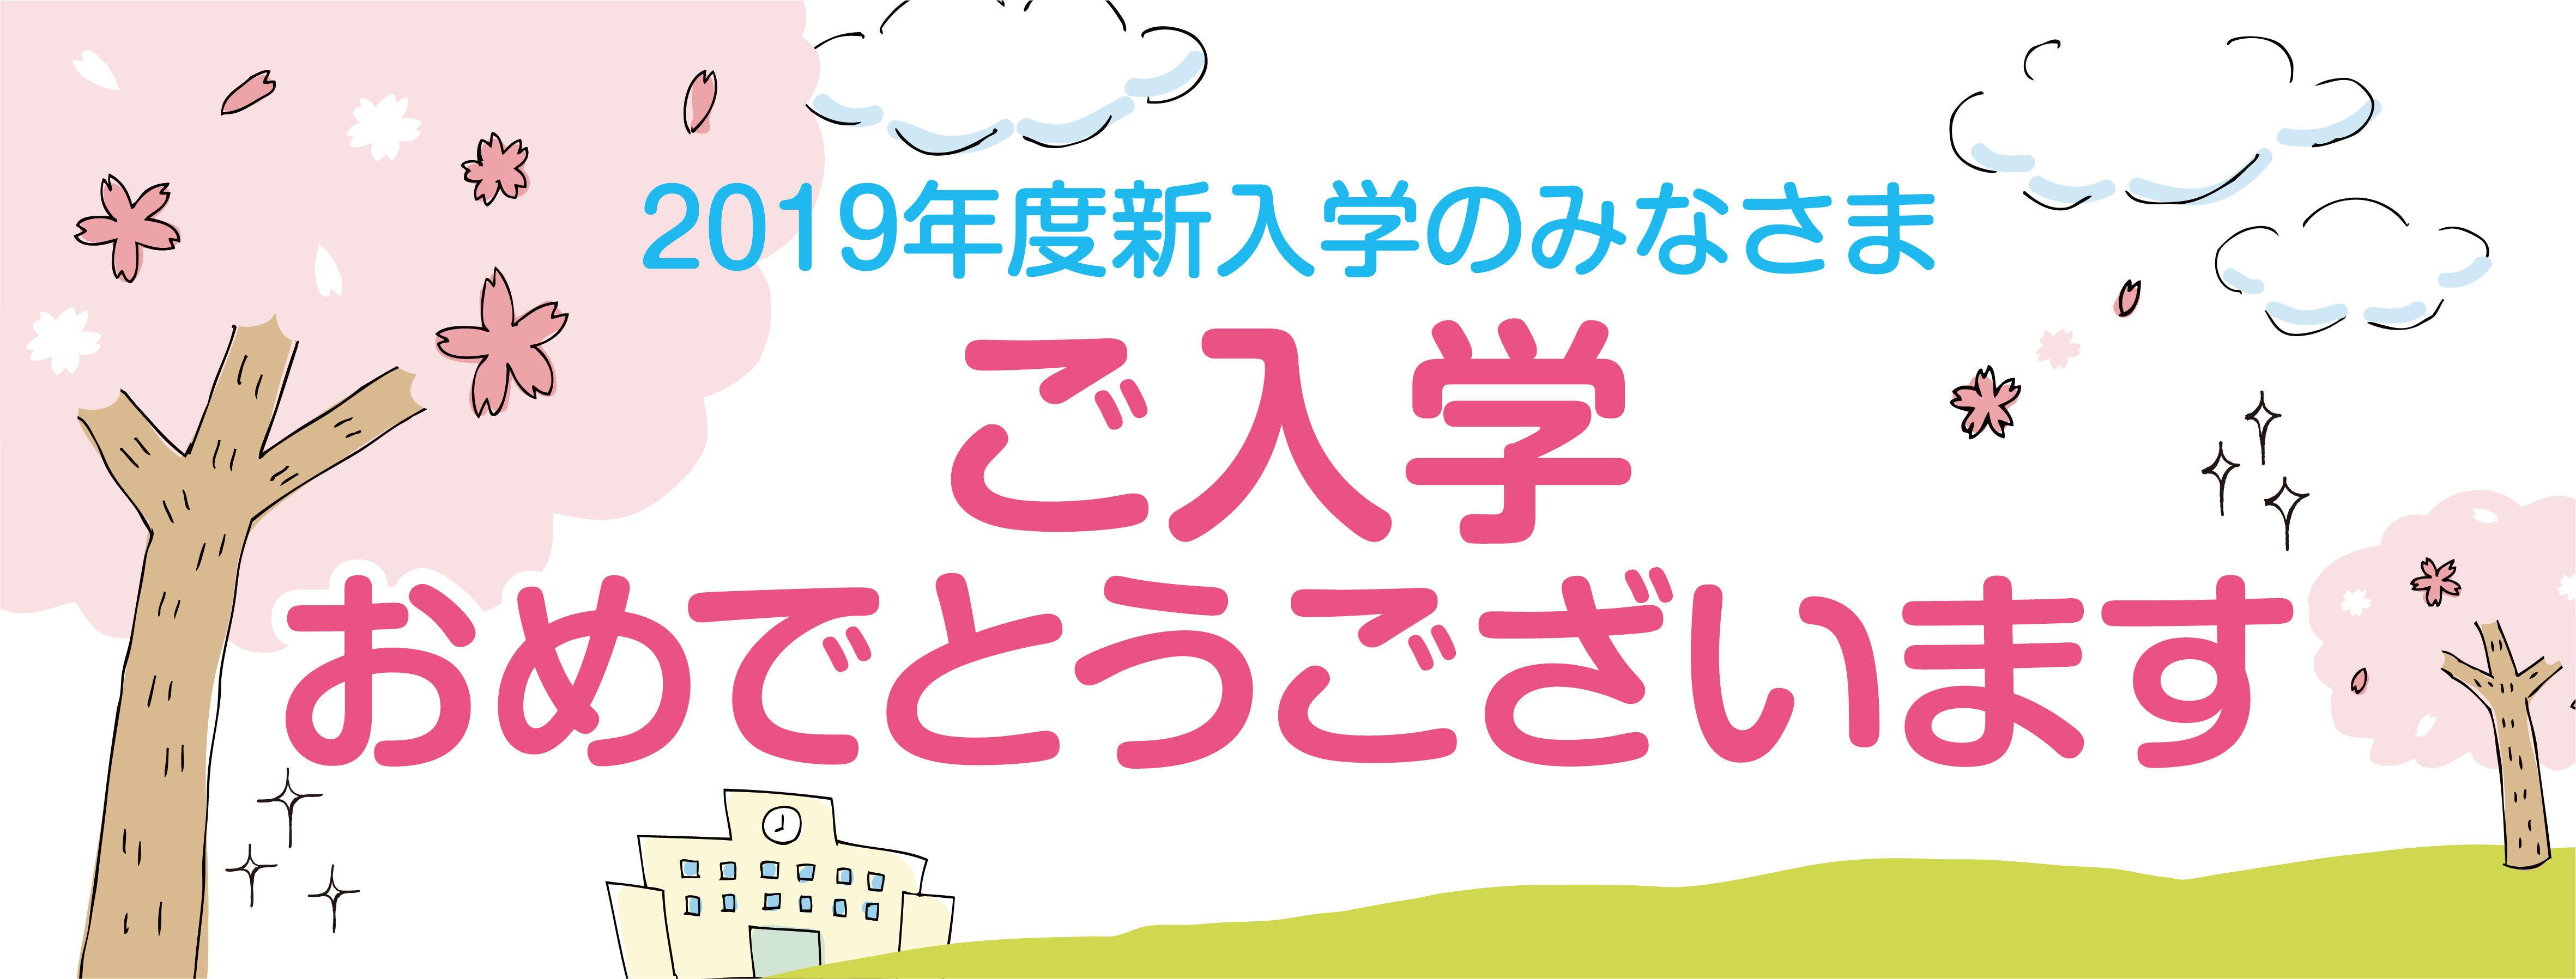 2019gonyuugakuomedetouPC.jpg